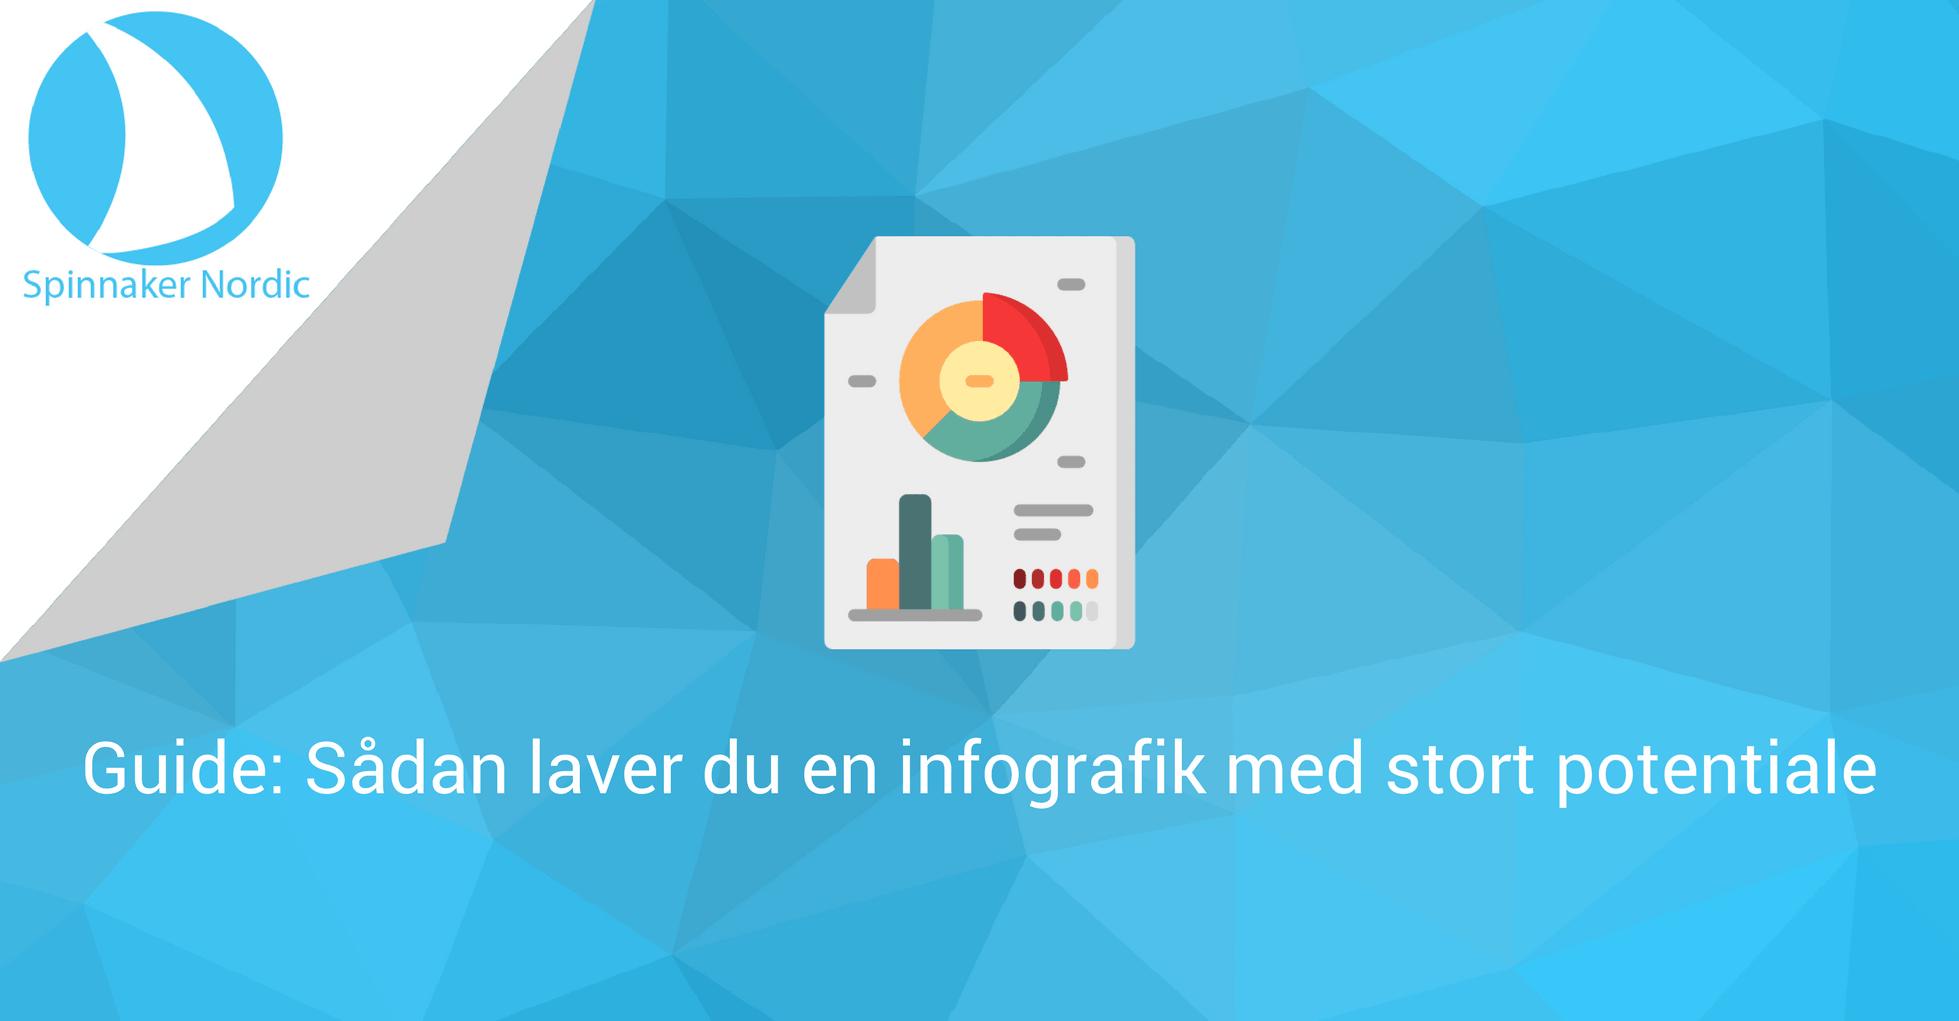 Guide - infografik - Spinnaker Nordic